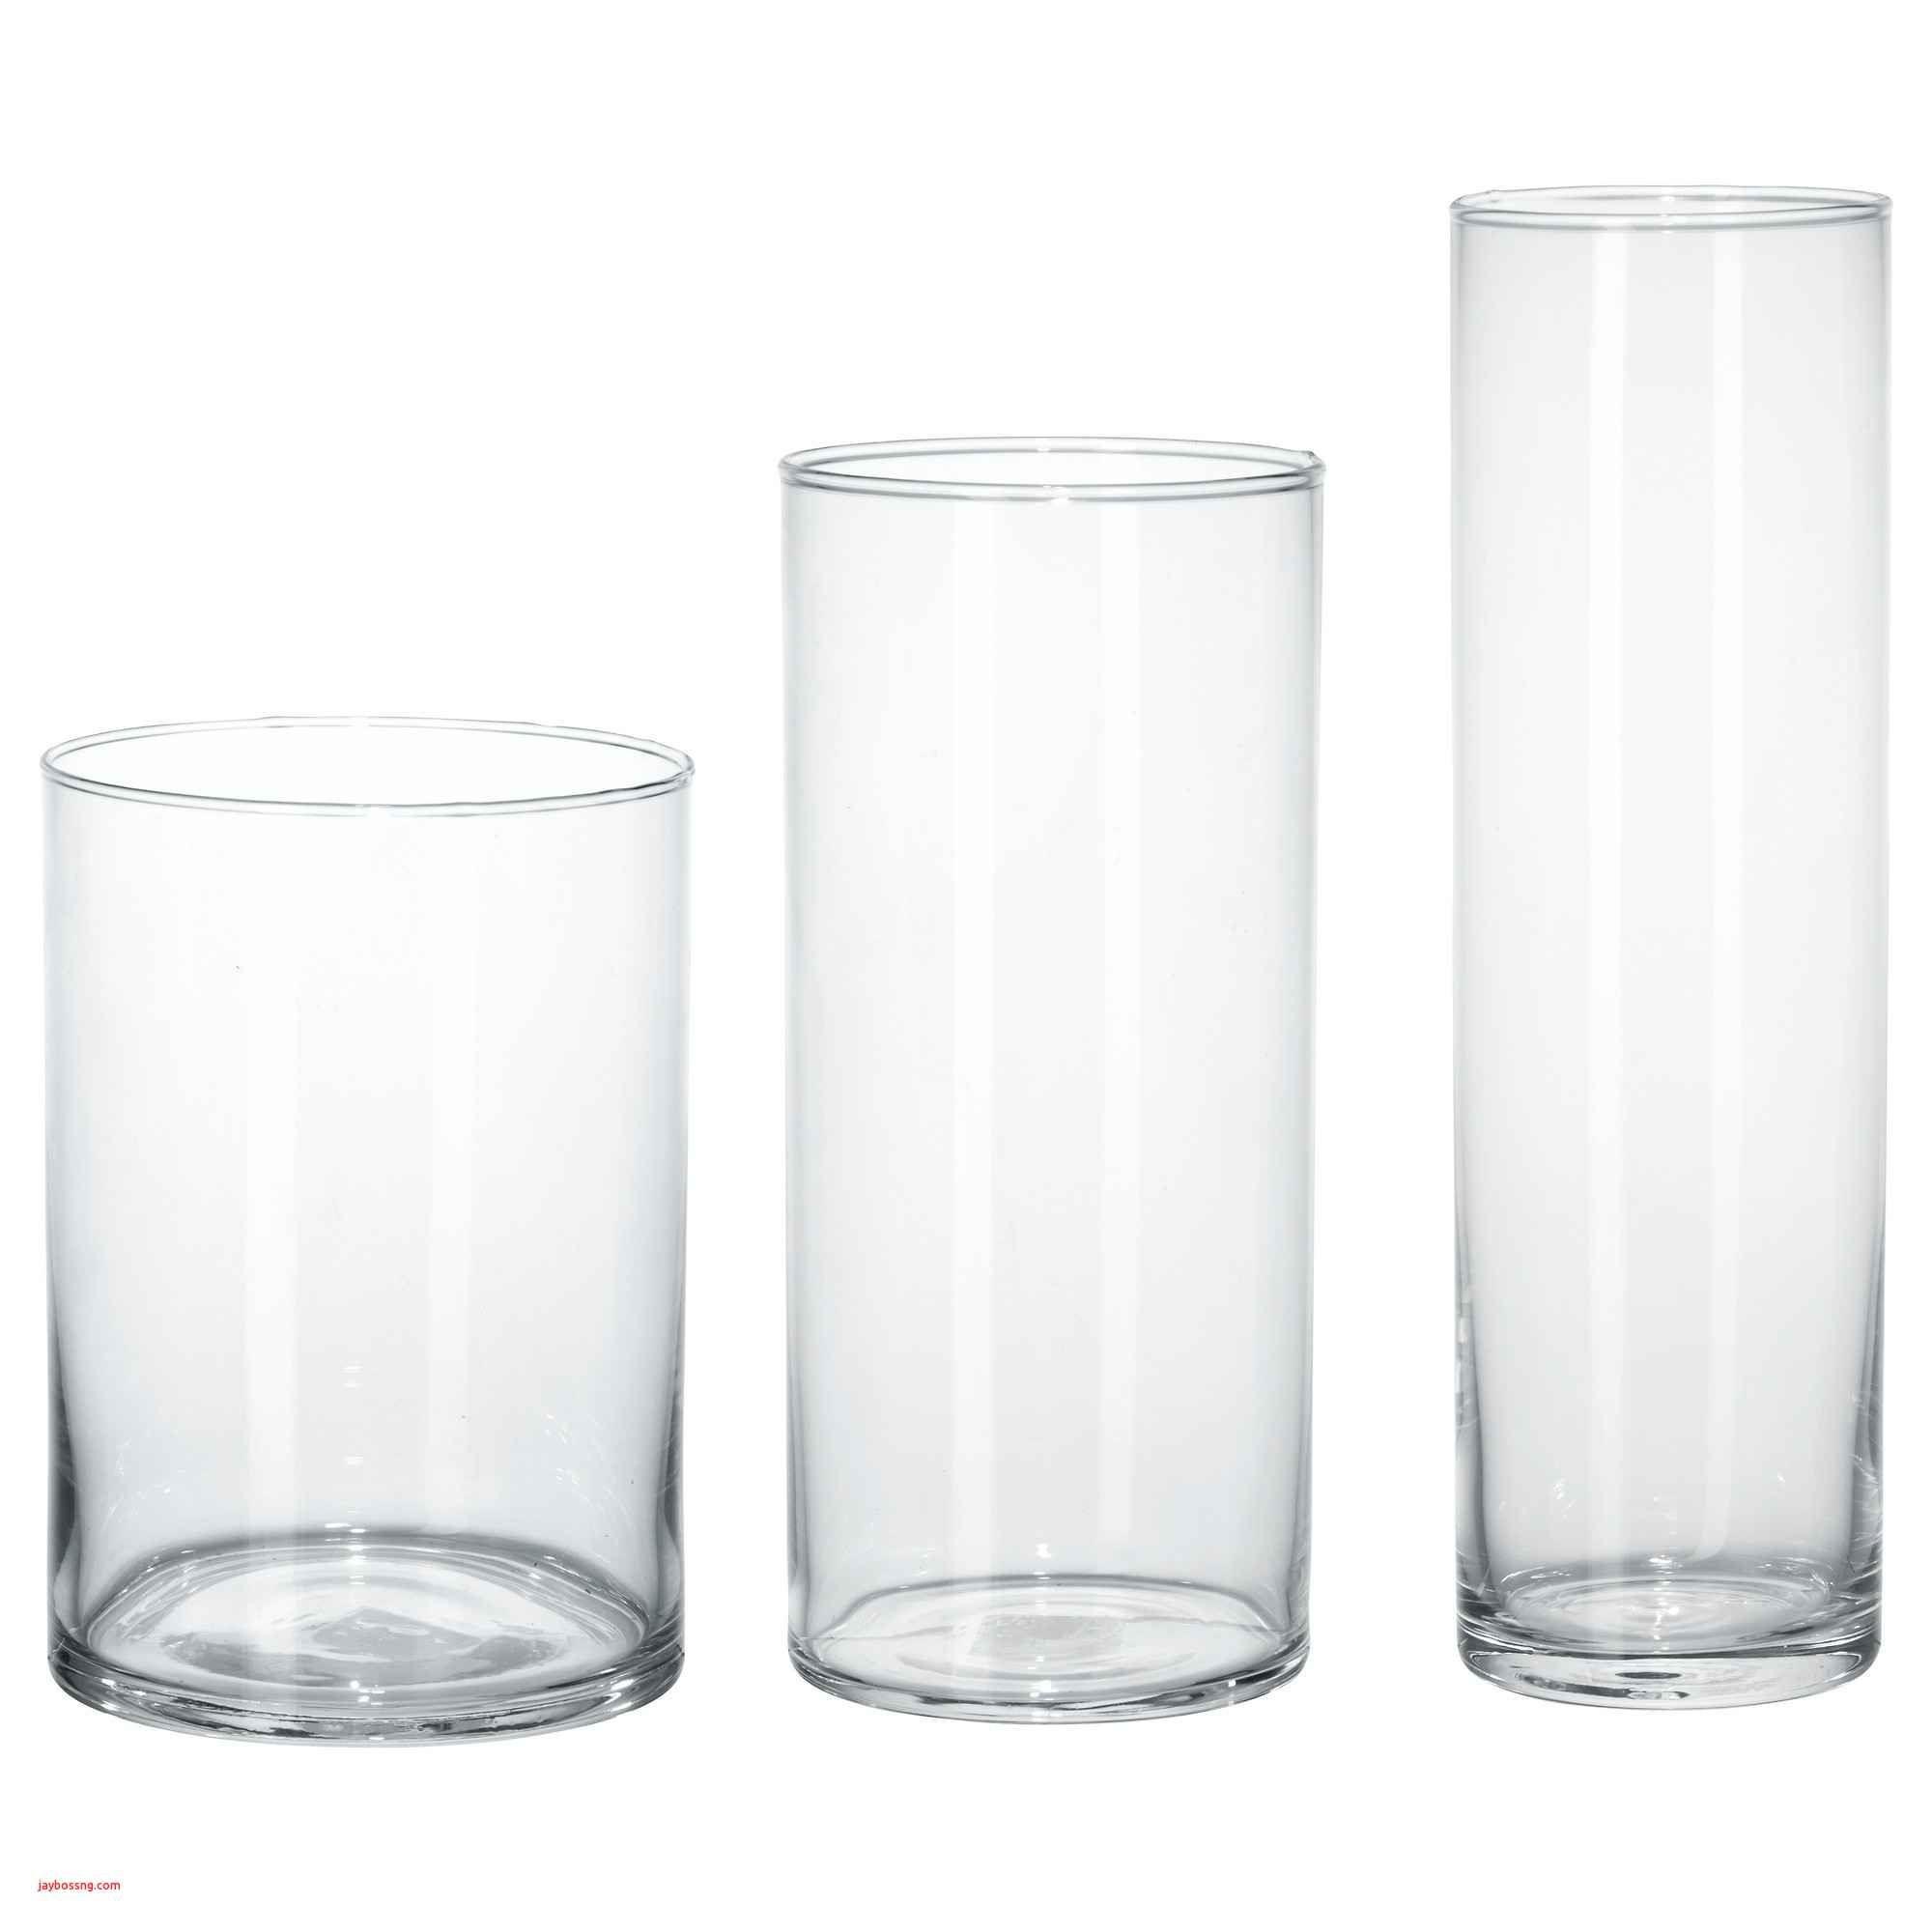 white glass vase of white glass vase elegant ikea white table created pe s5h vases ikea for white glass vase elegant ikea white table created pe s5h vases ikea vase i 0d bladet